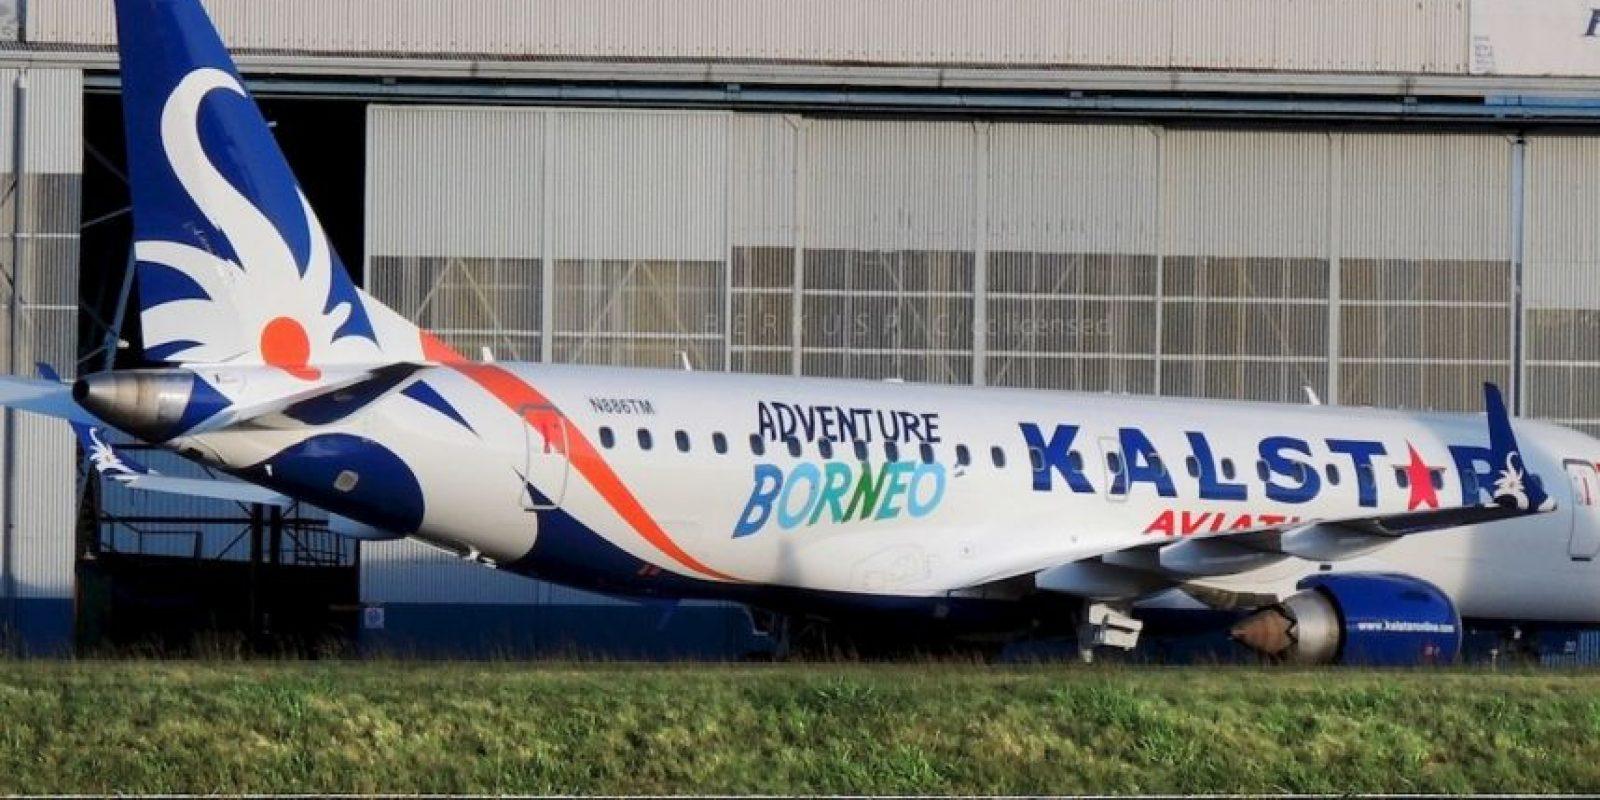 KalStar Aviation Foto:Wikipedia Commons. Imagen Por: